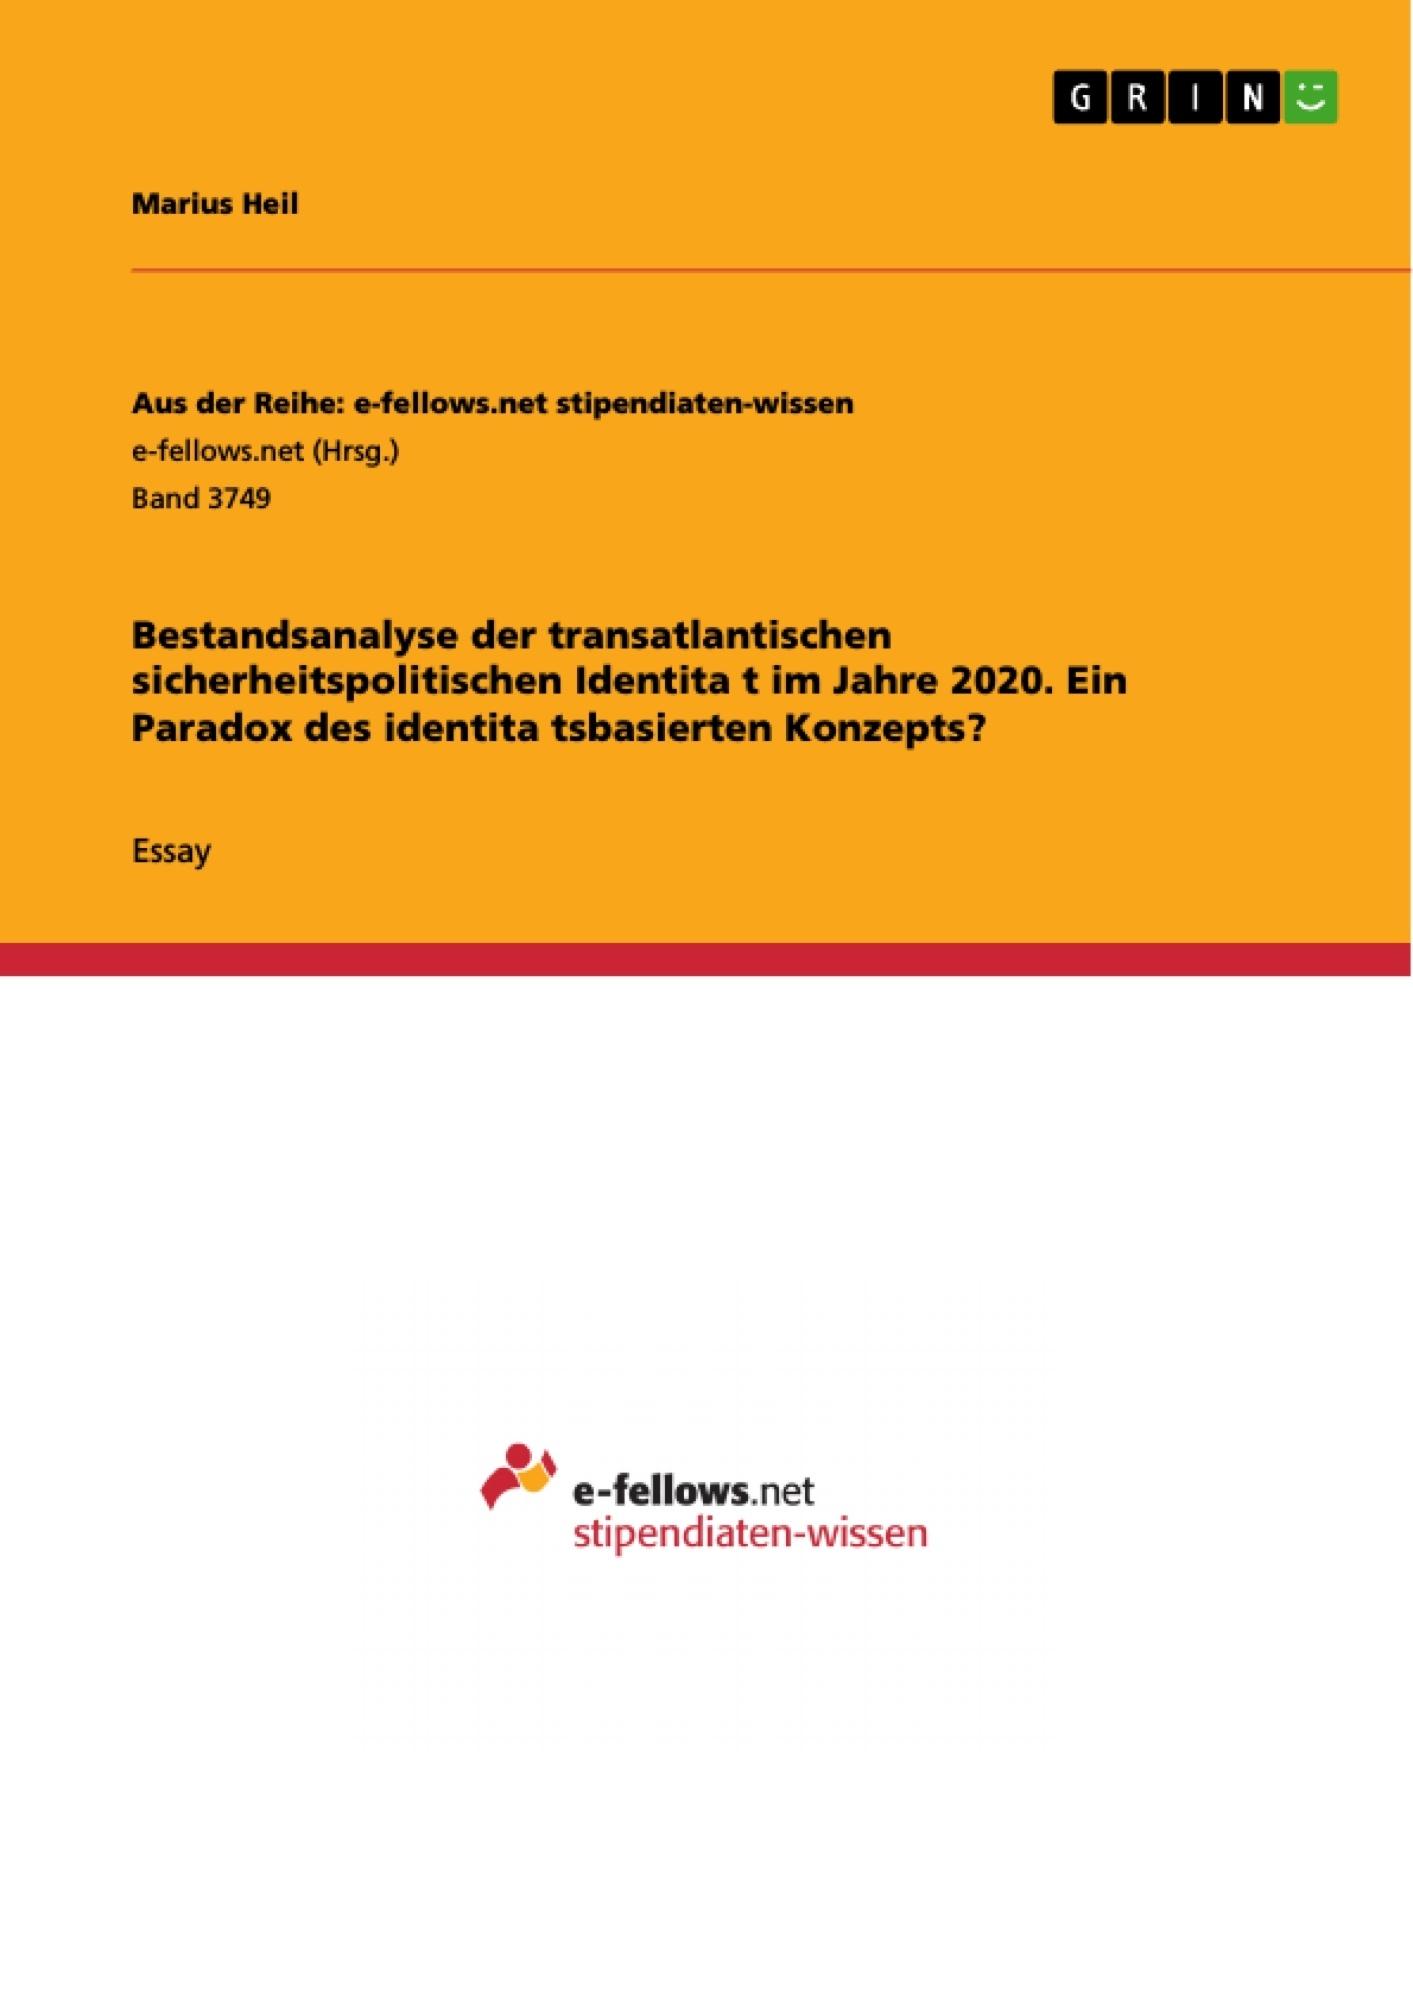 Titel: Bestandsanalyse der transatlantischen sicherheitspolitischen Identität im Jahre 2020. Ein Paradox des identitätsbasierten Konzepts?